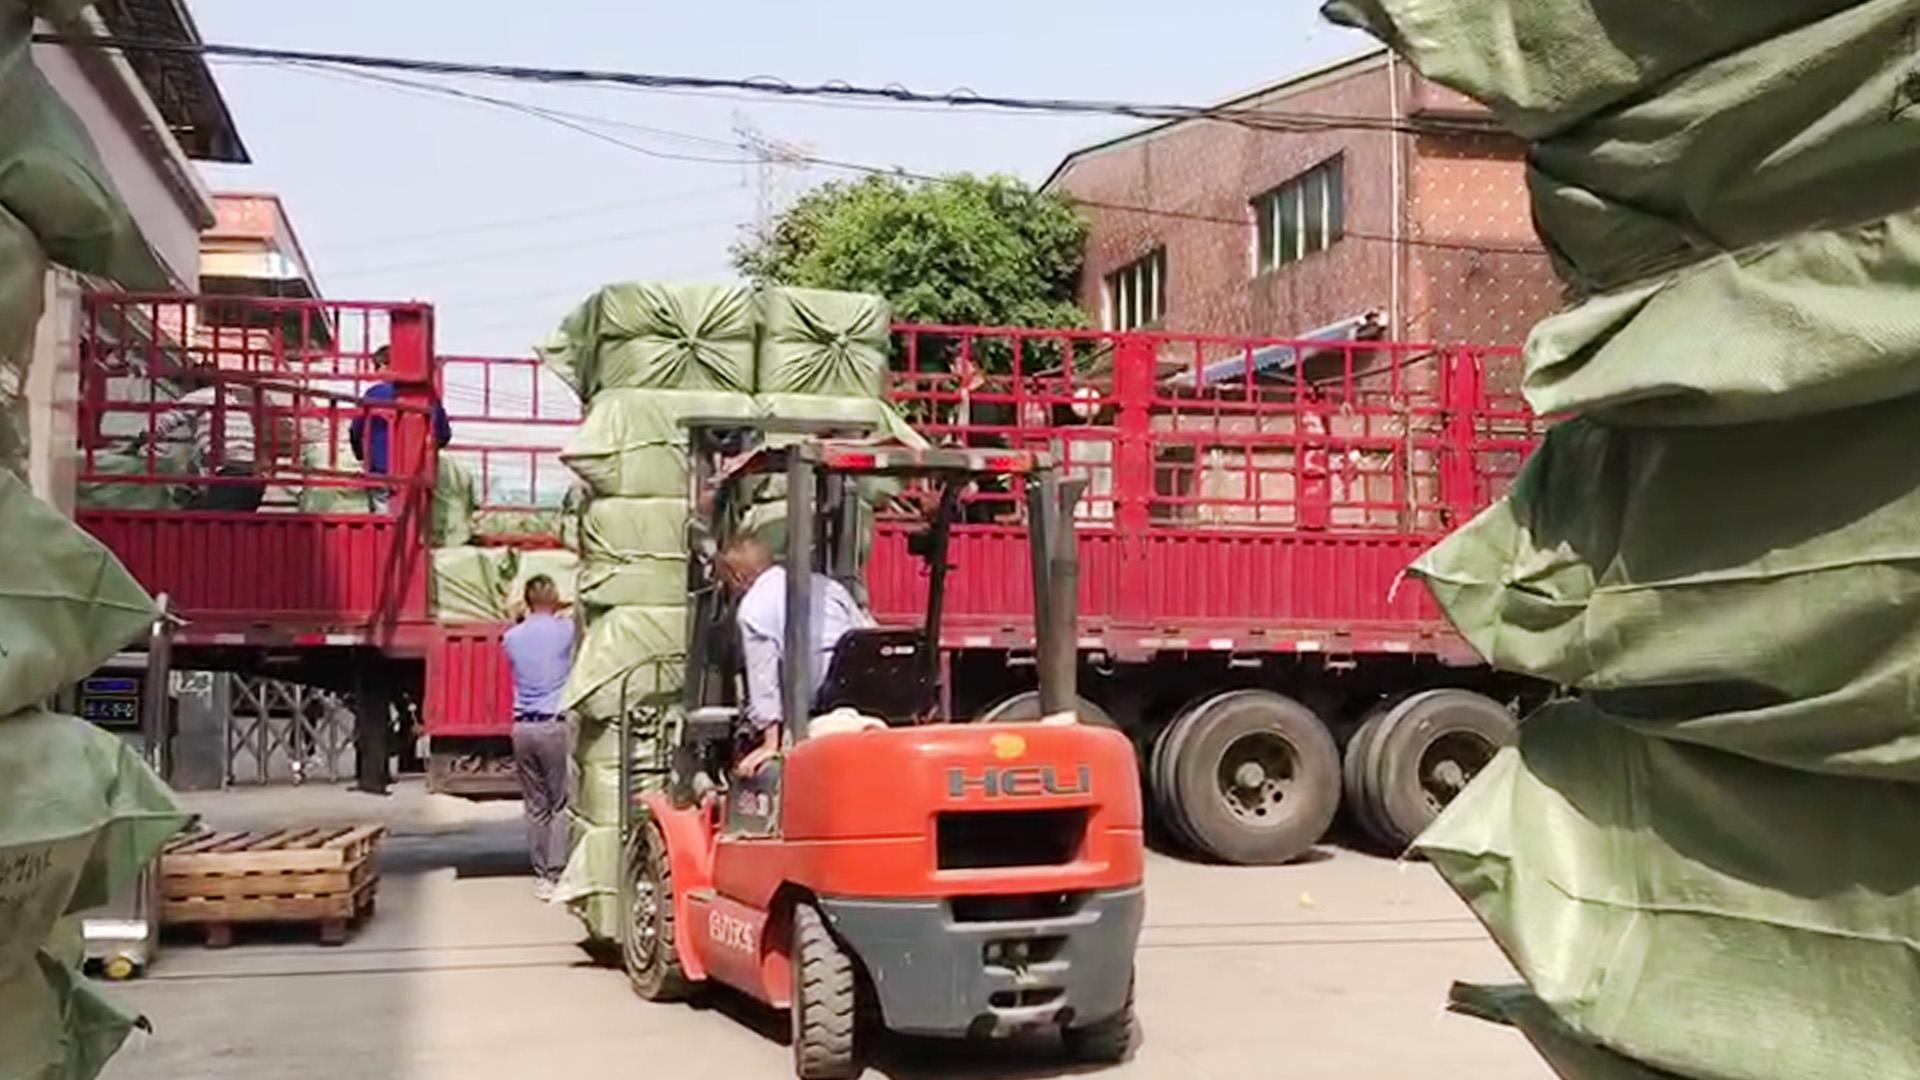 Kauba järele jõudmine enne aastat, logistika kohaletoimetamine